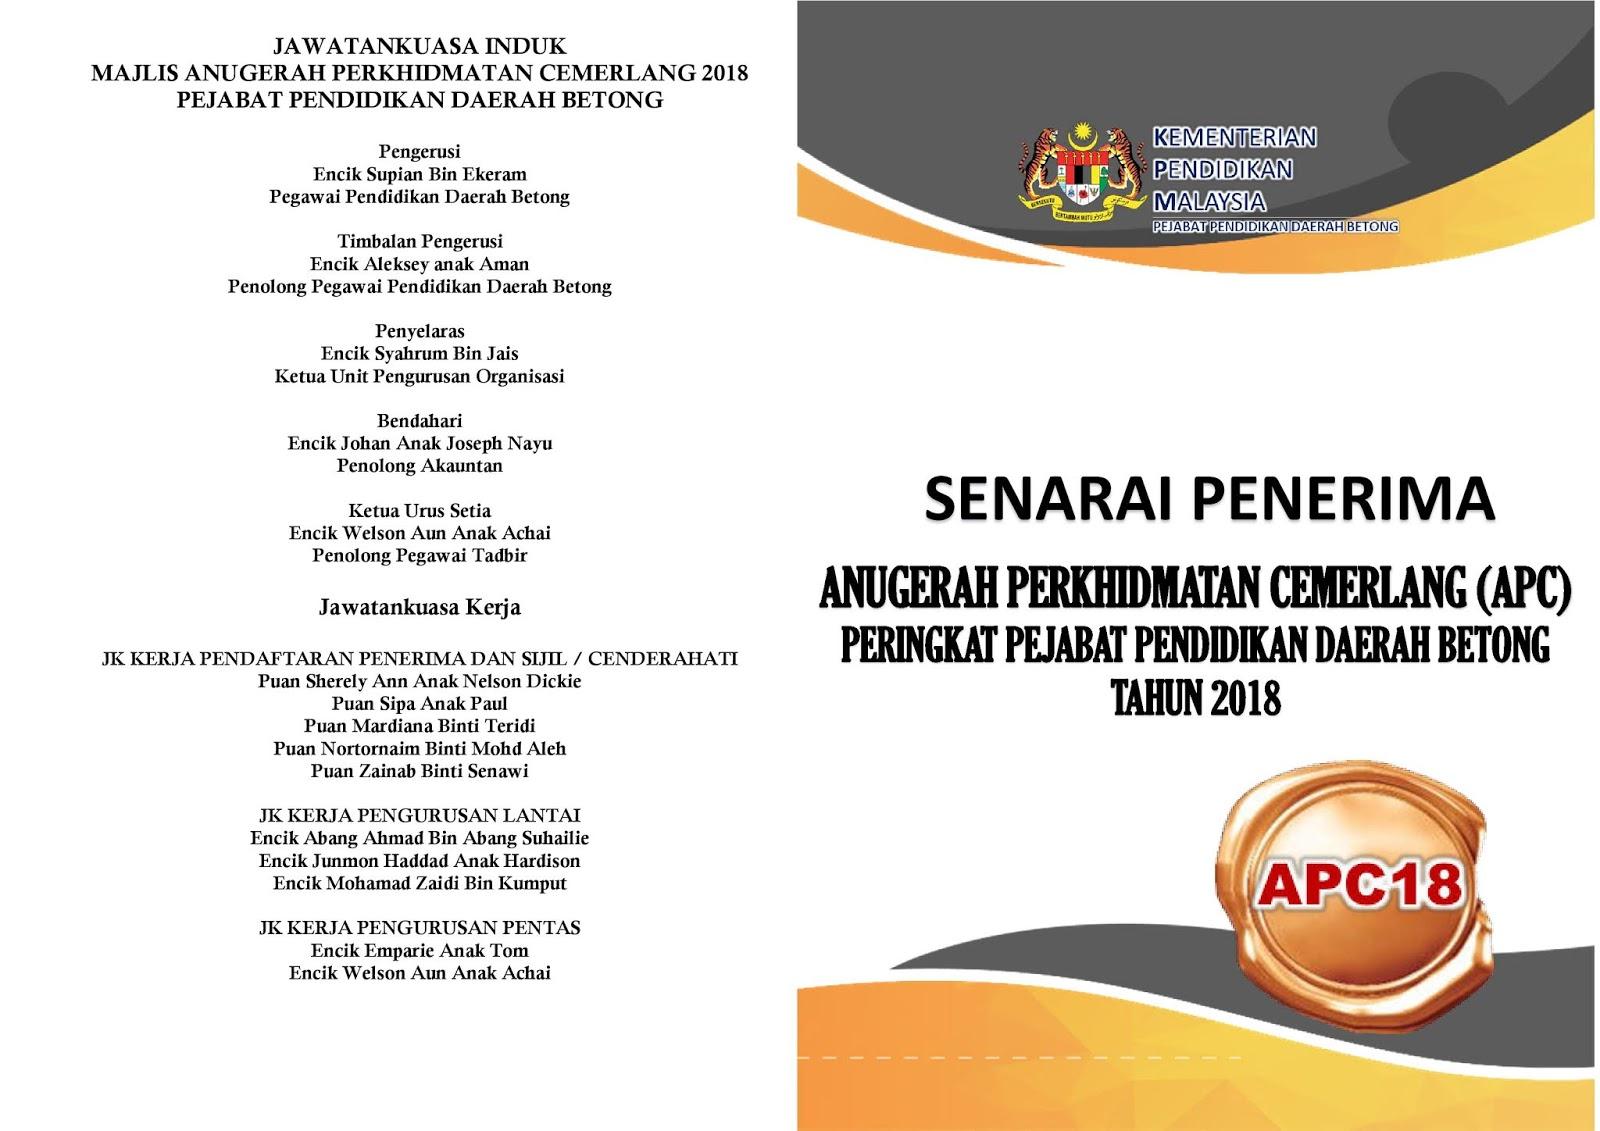 Buletin Ppd Betong Buku Program Majlis Anugerah Perkhidmatan Cemerlang Apc Pejabat Pendidikan Daerah Betong Tahun 2018